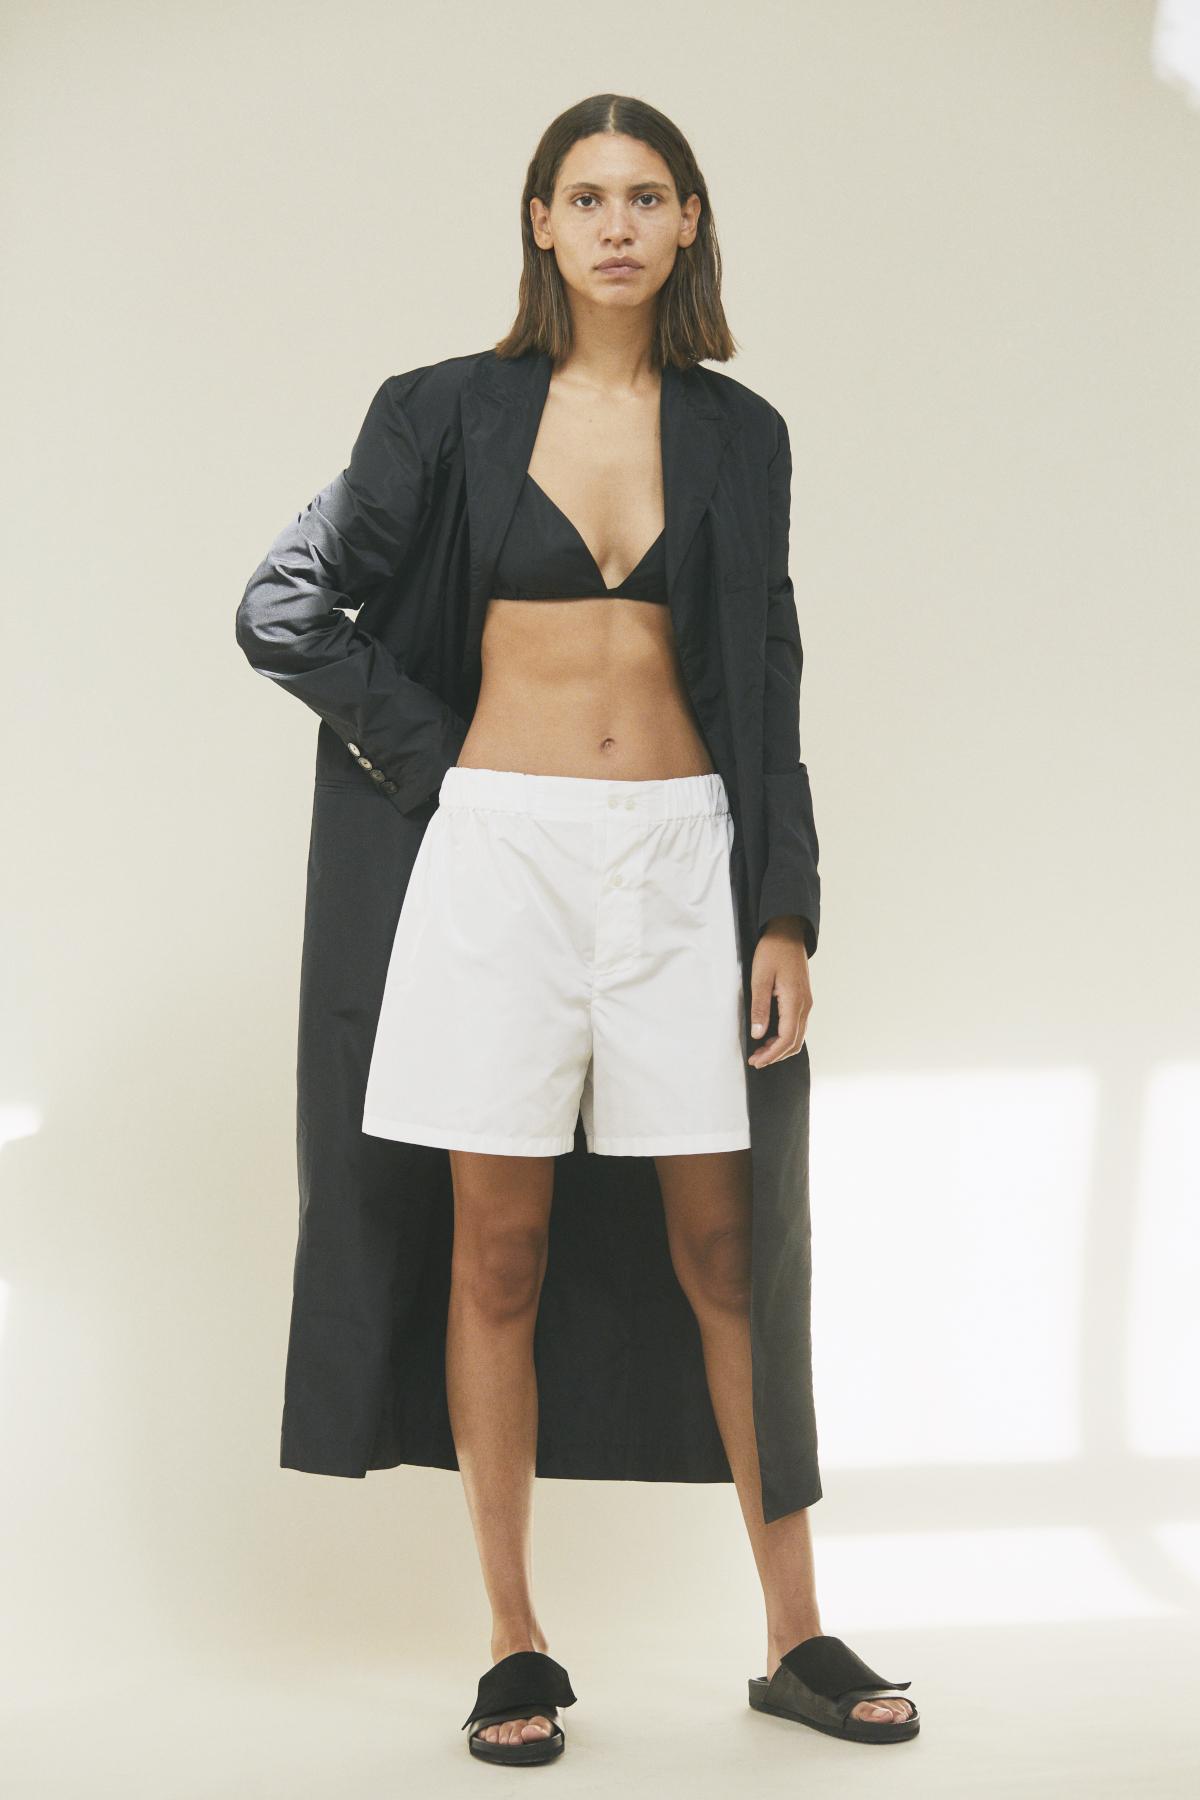 Coat SOLANGE, Bra SUE, Short-pants STACIE